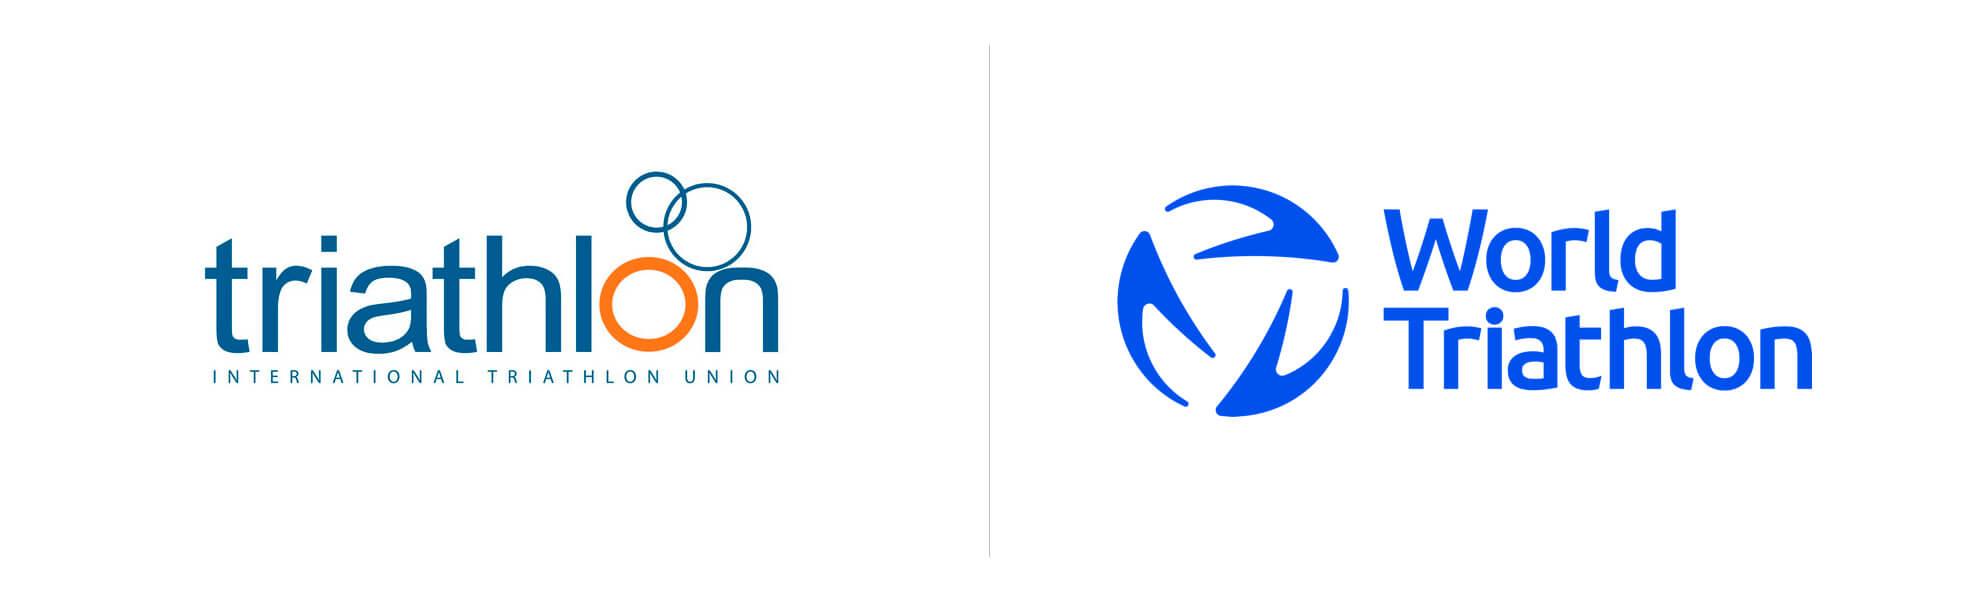 światowy związek triathlonu znowym logo